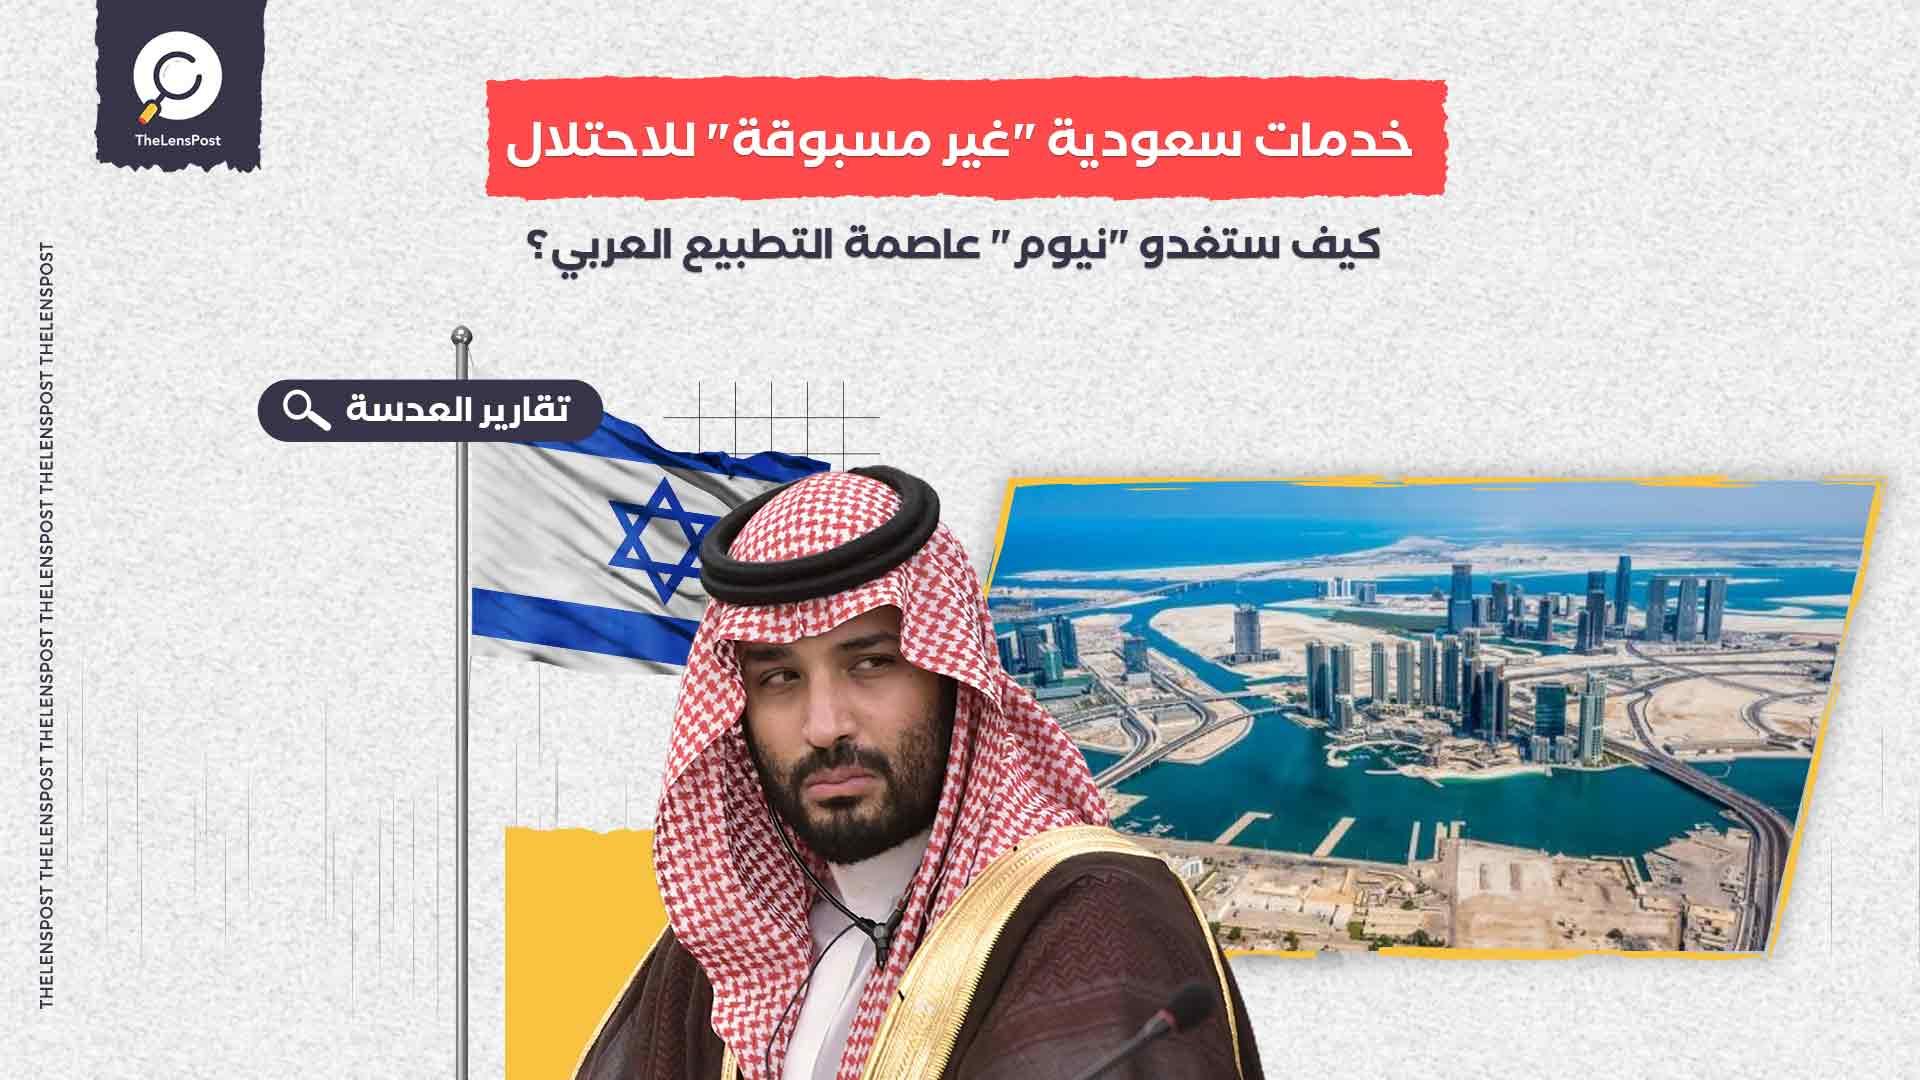 """خدمات سعودية """"غير مسبوقة"""" للاحتلال.. كيف ستغدو """"نيوم"""" عاصمة التطبيع العربي؟"""